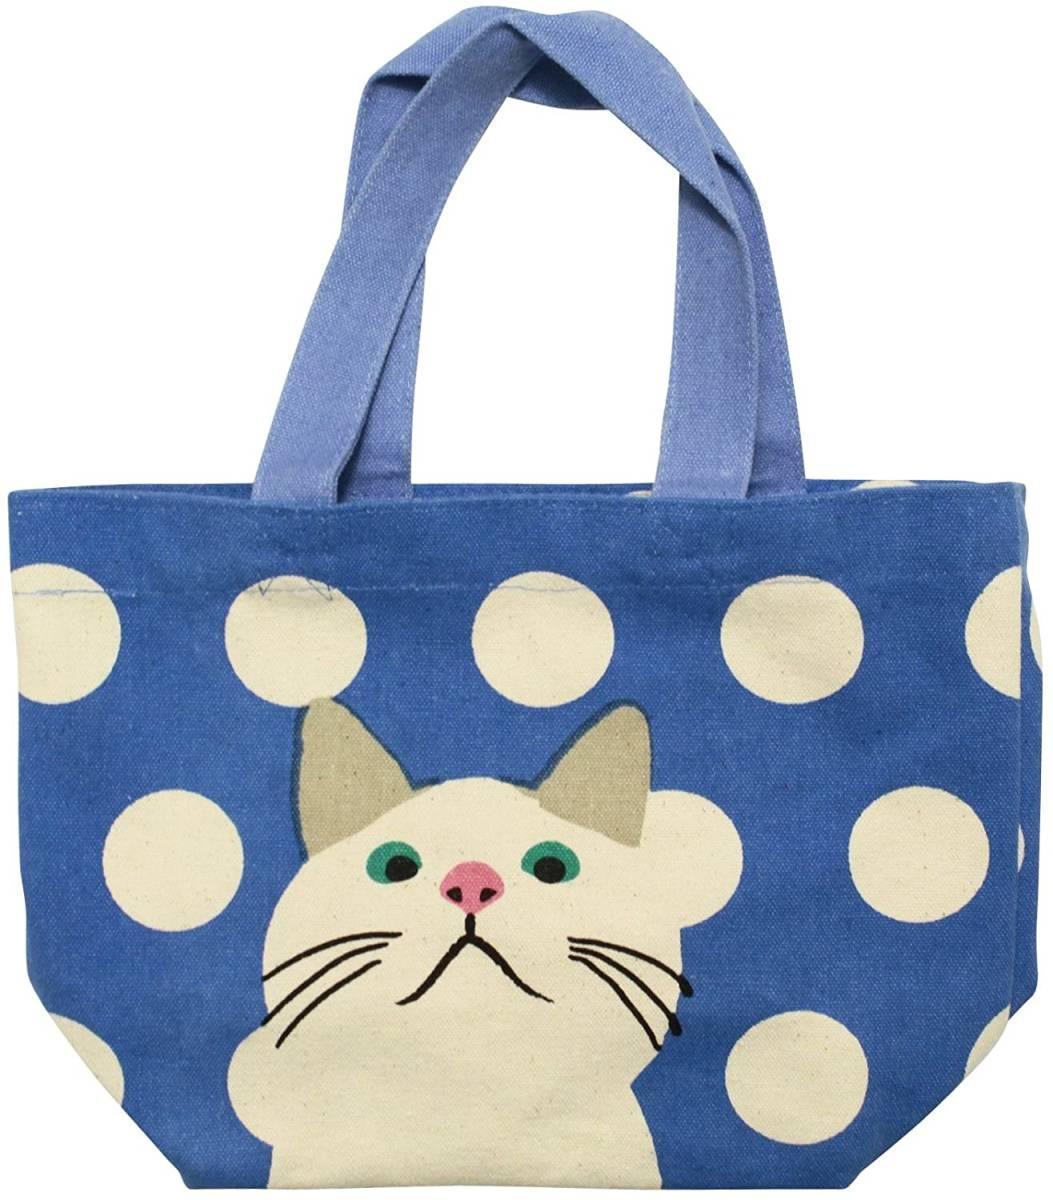 ミニトートバッグ ターチャンモード ブルー ドット柄 たーちゃん お散歩バッグ ネコ 猫 ねこ フレンズヒル 新品